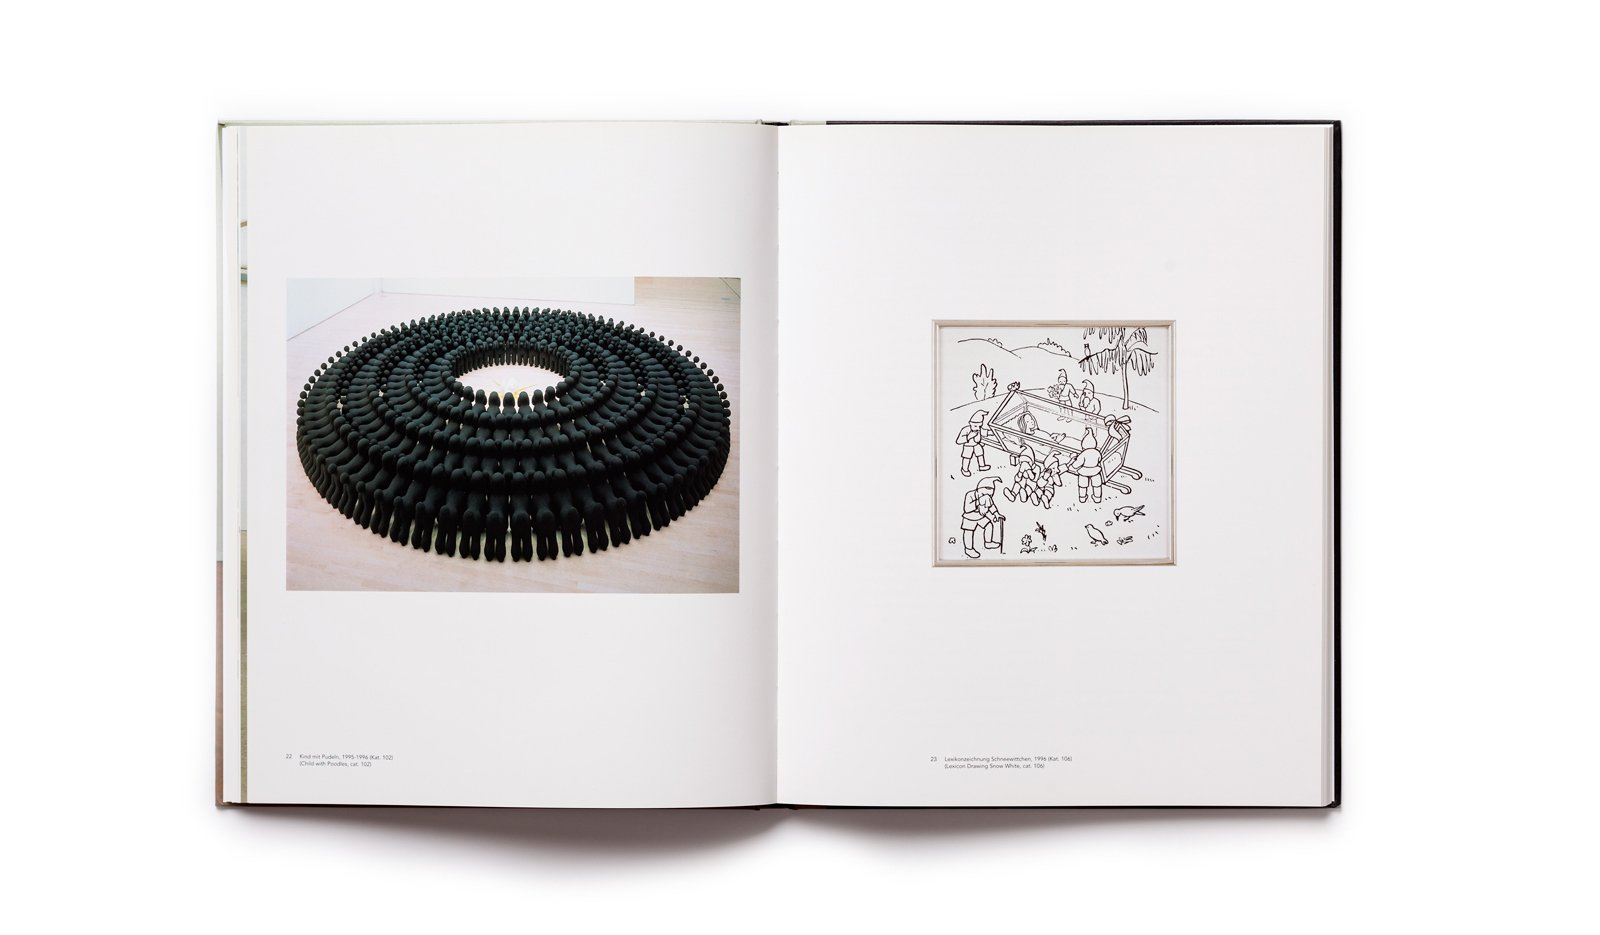 Katharina Fritsch, plates 22-23